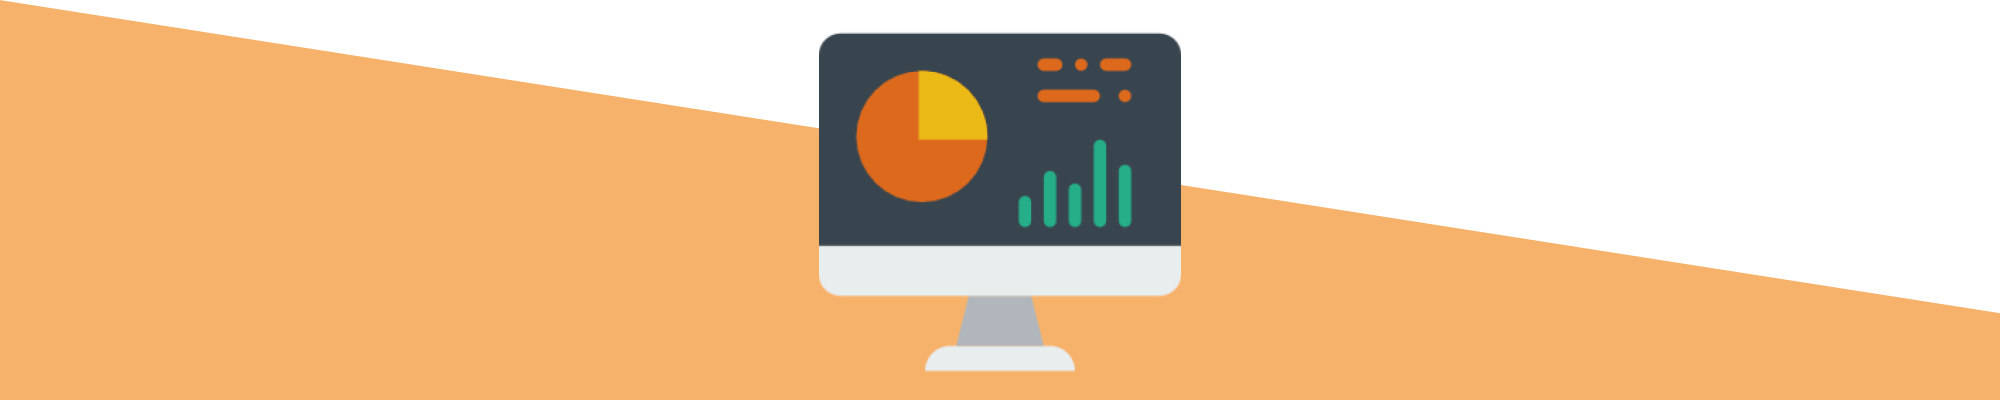 Google Analytics demokonto möjliggör analysövningar för dig utan större datamängder.